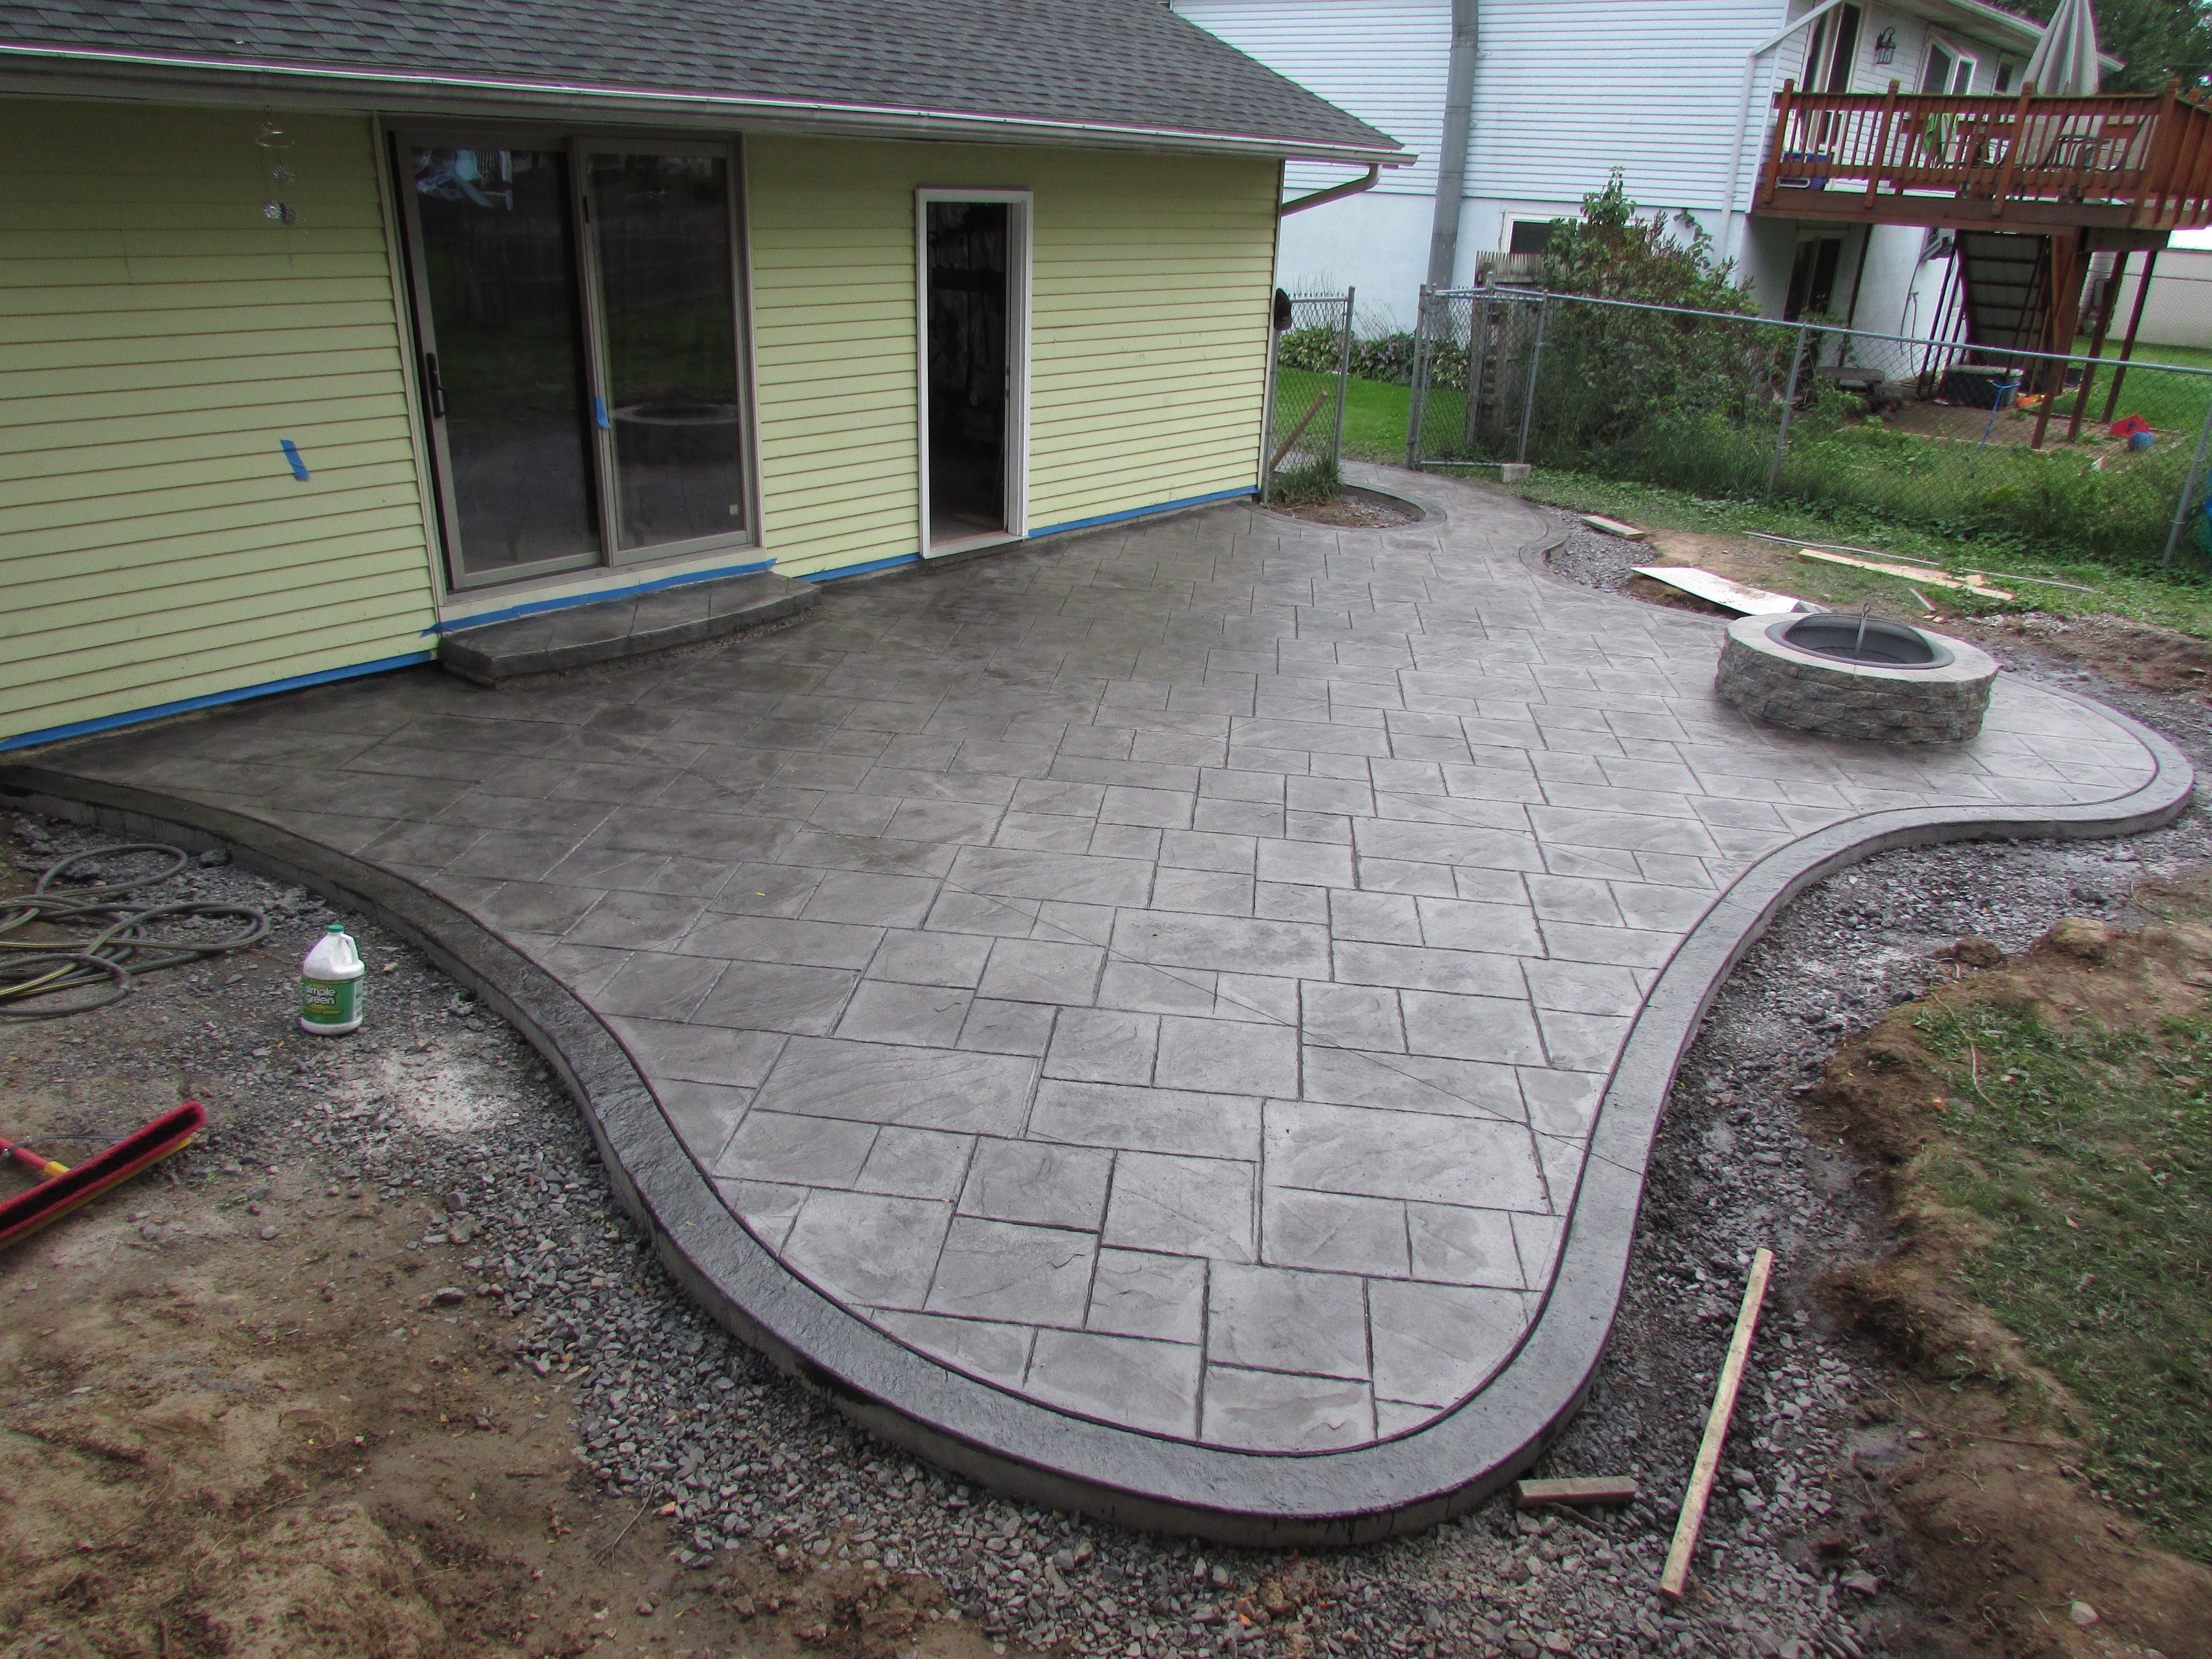 Exterior Design Using Amazing Stamped Concrete Patio For Patio